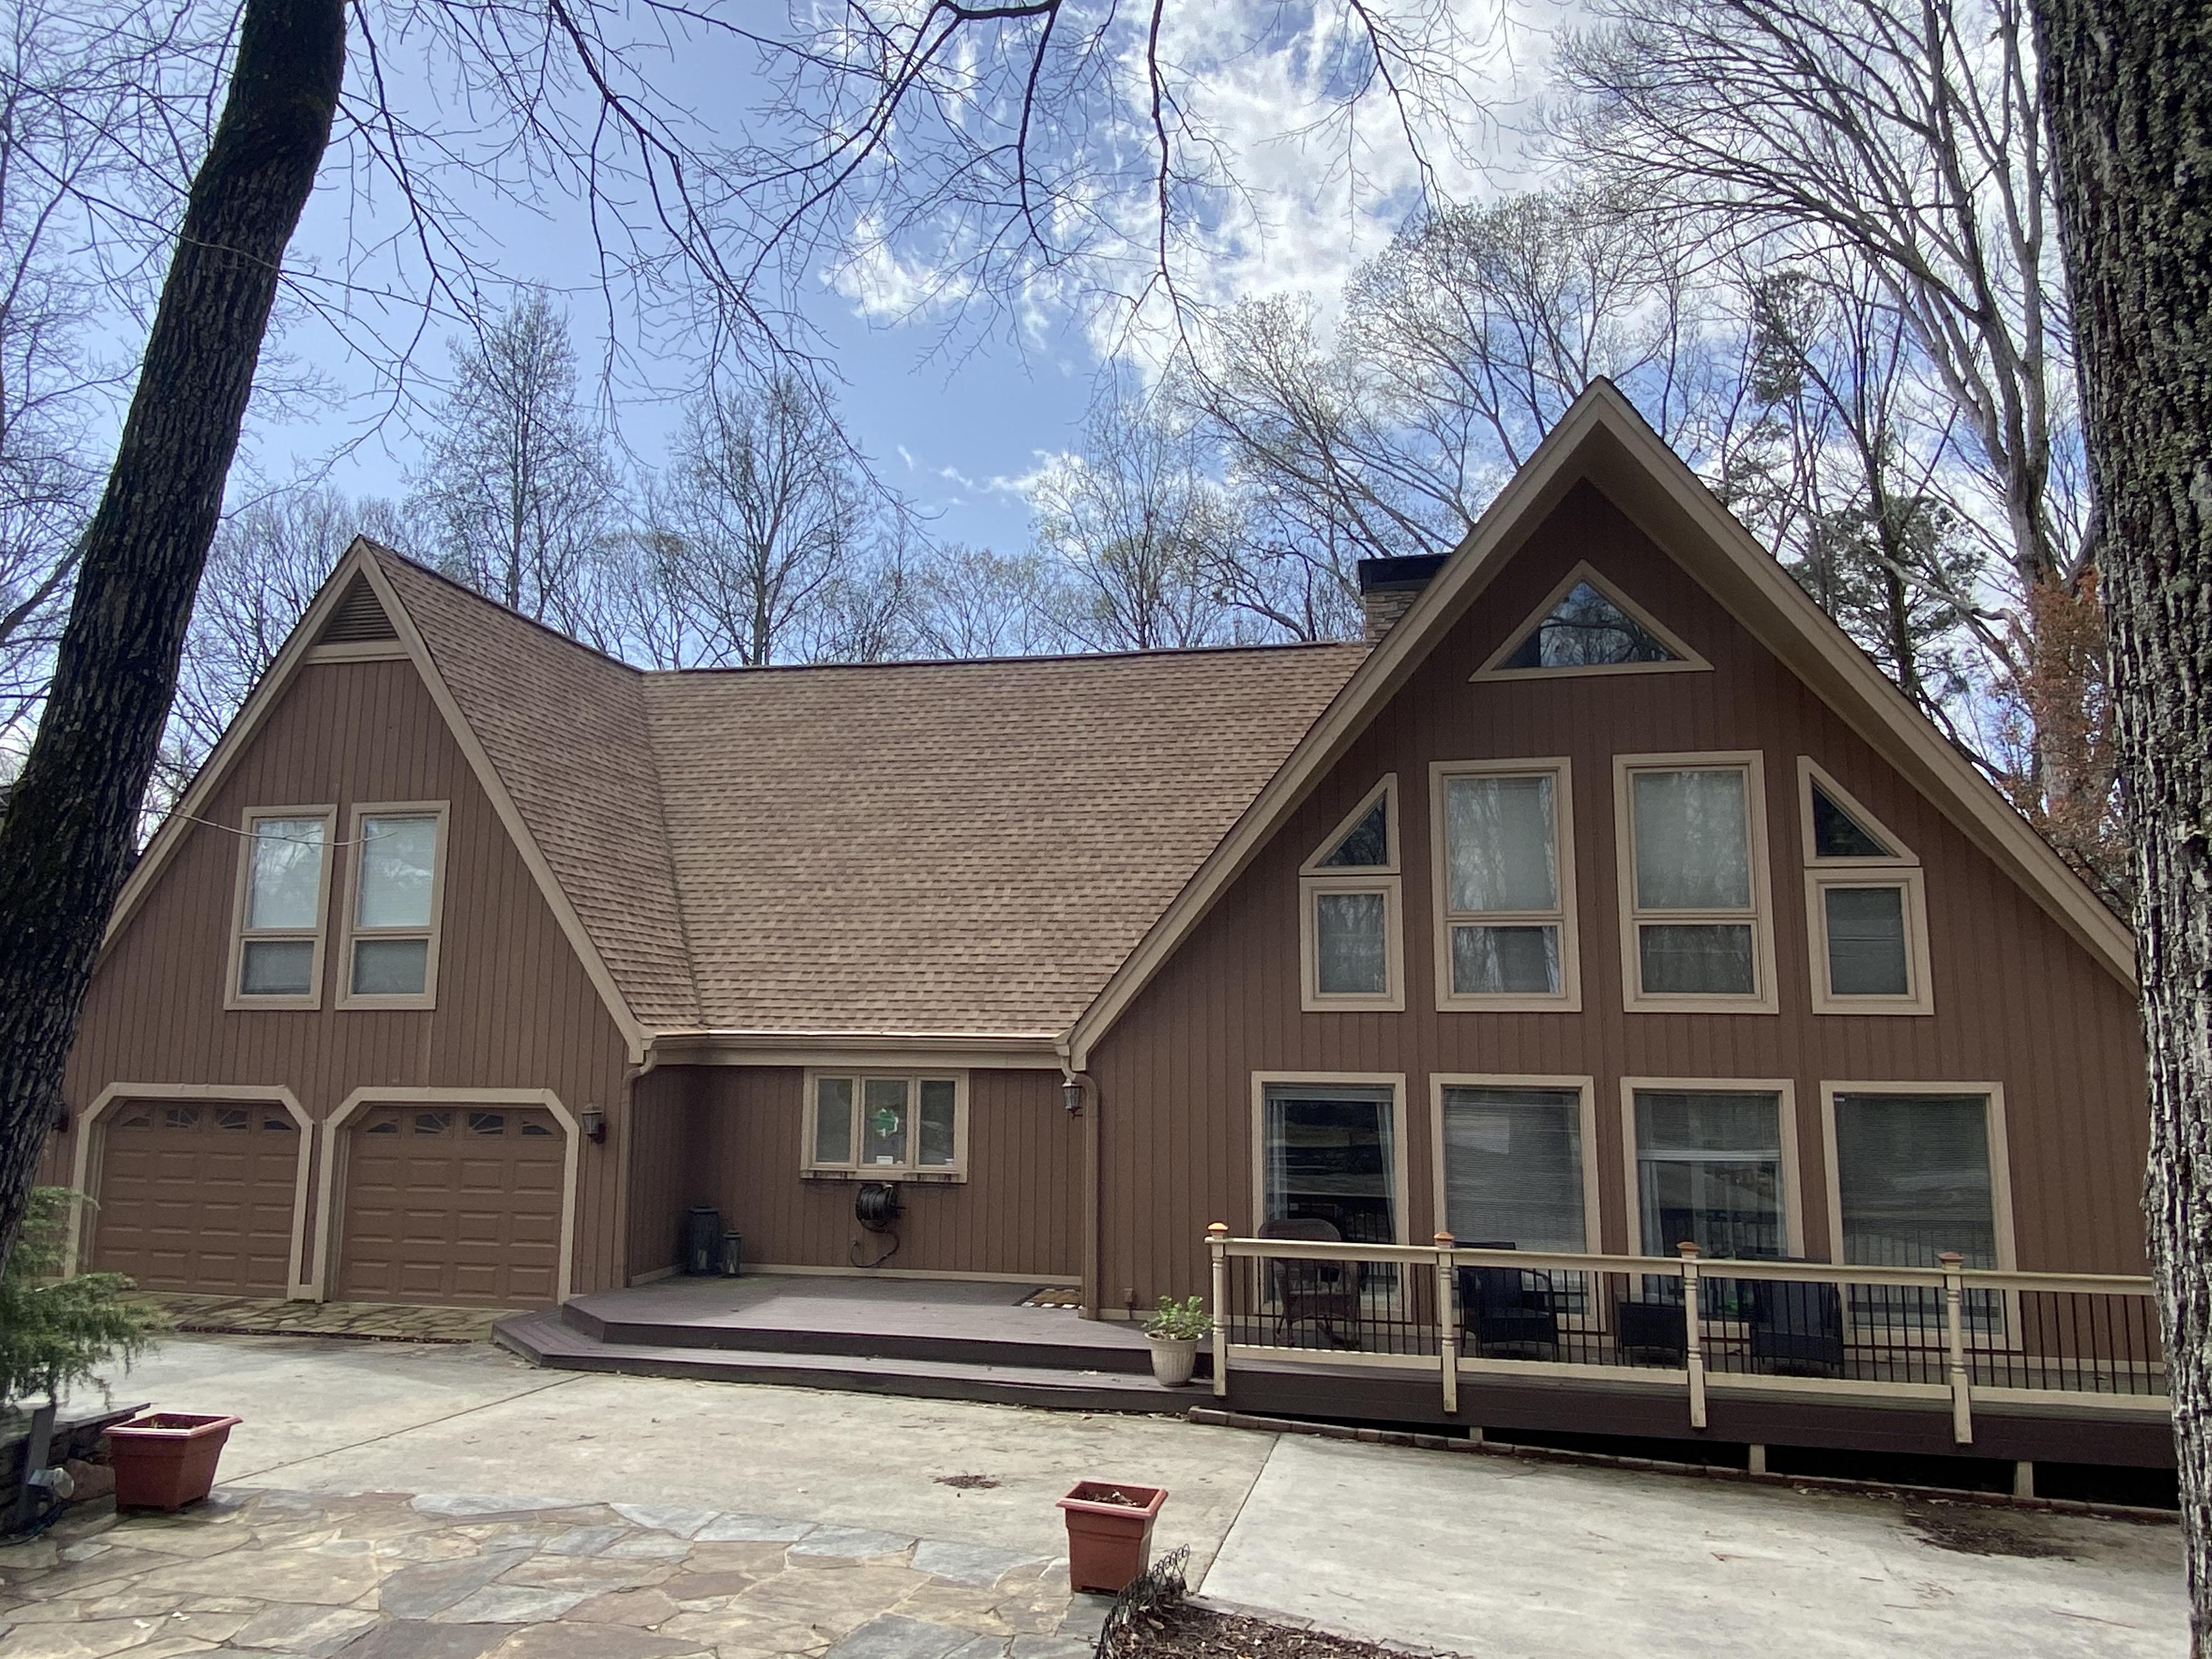 Cedar Siding Home Multiple windows and deck